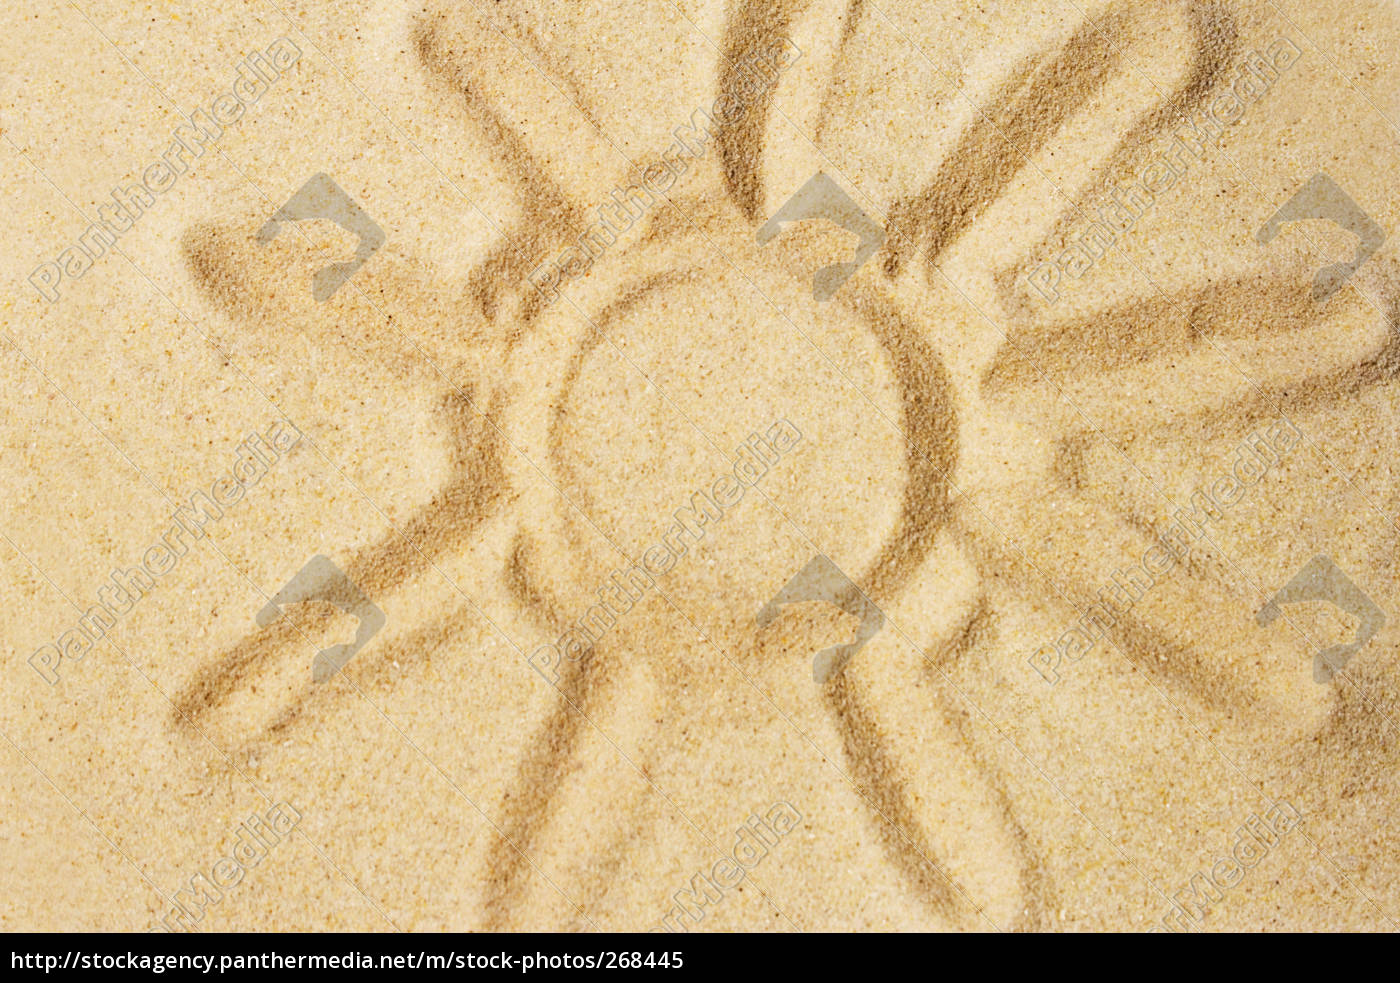 sun, on, the, beach - 268445